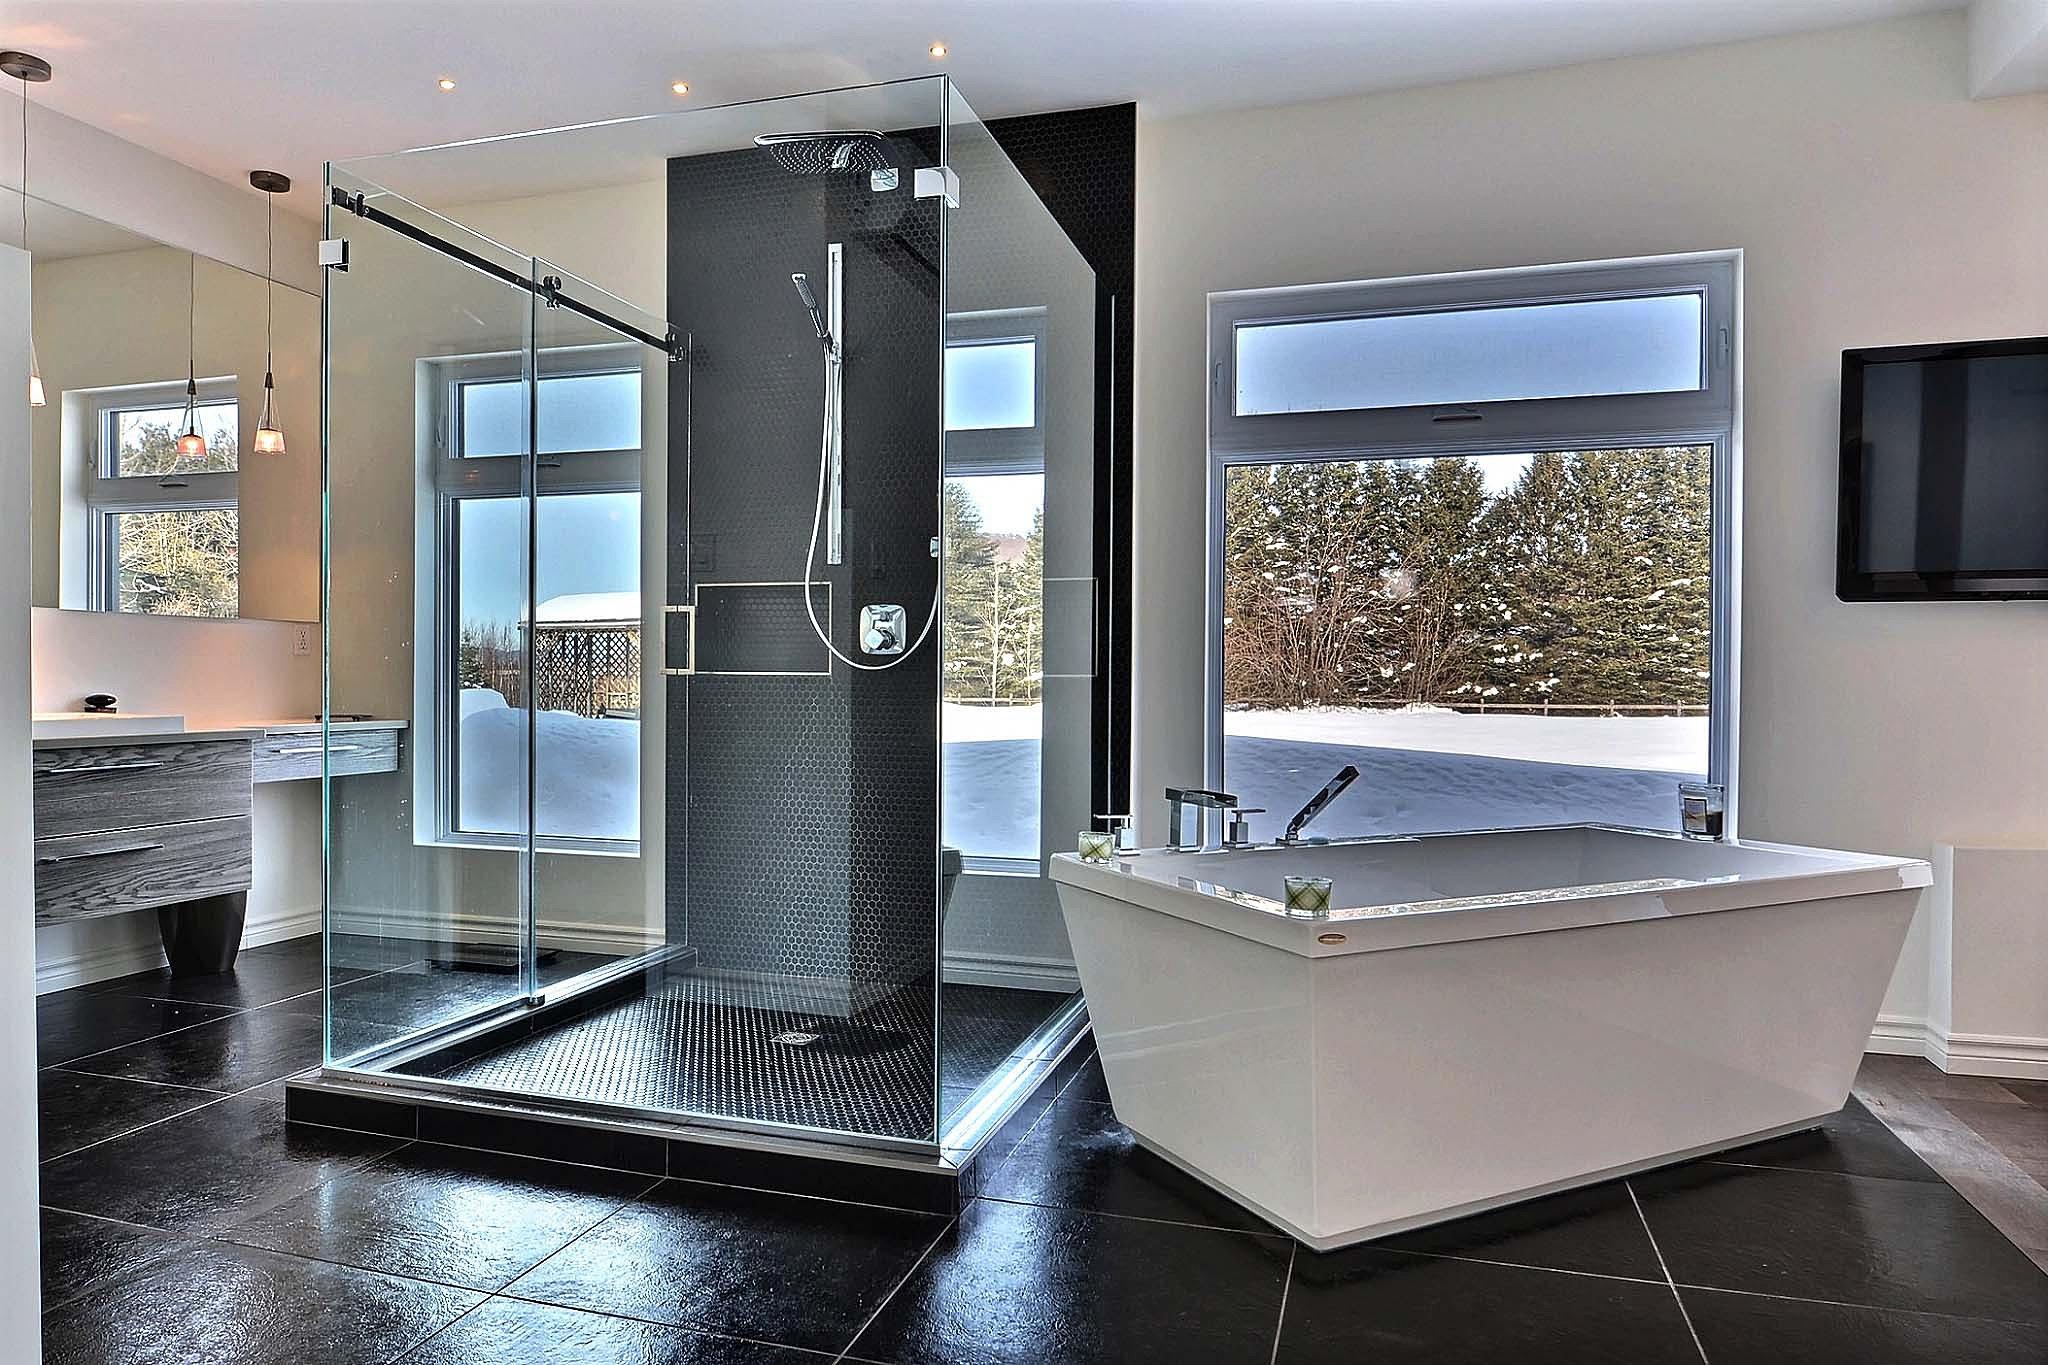 K par k cuisines et salles de bain douche de c ramique - Salle de bain ceramique photo ...